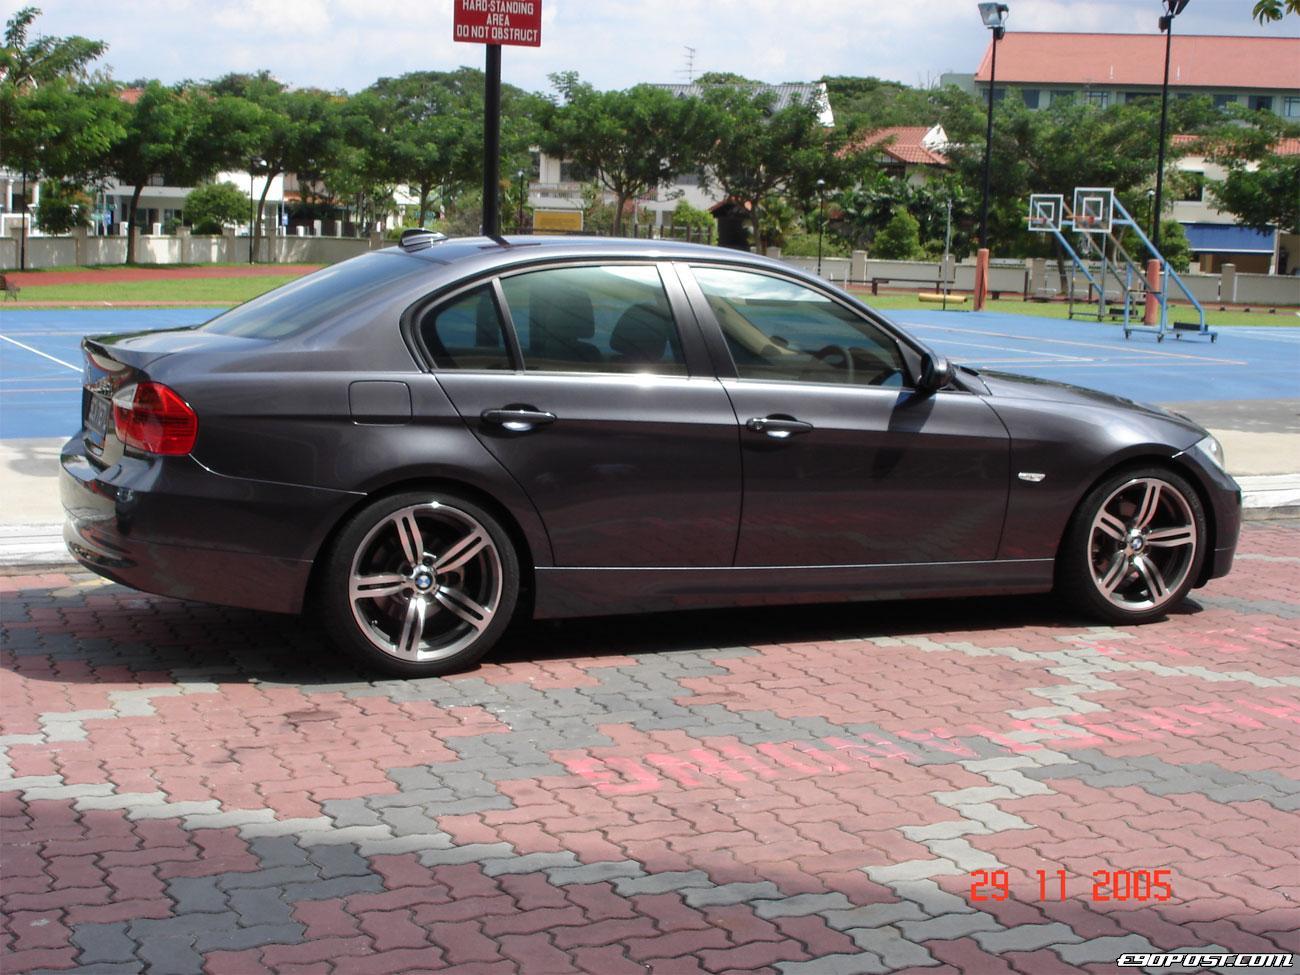 8t S 2005 E90 320i M6 Wheels Bimmerpost Garage